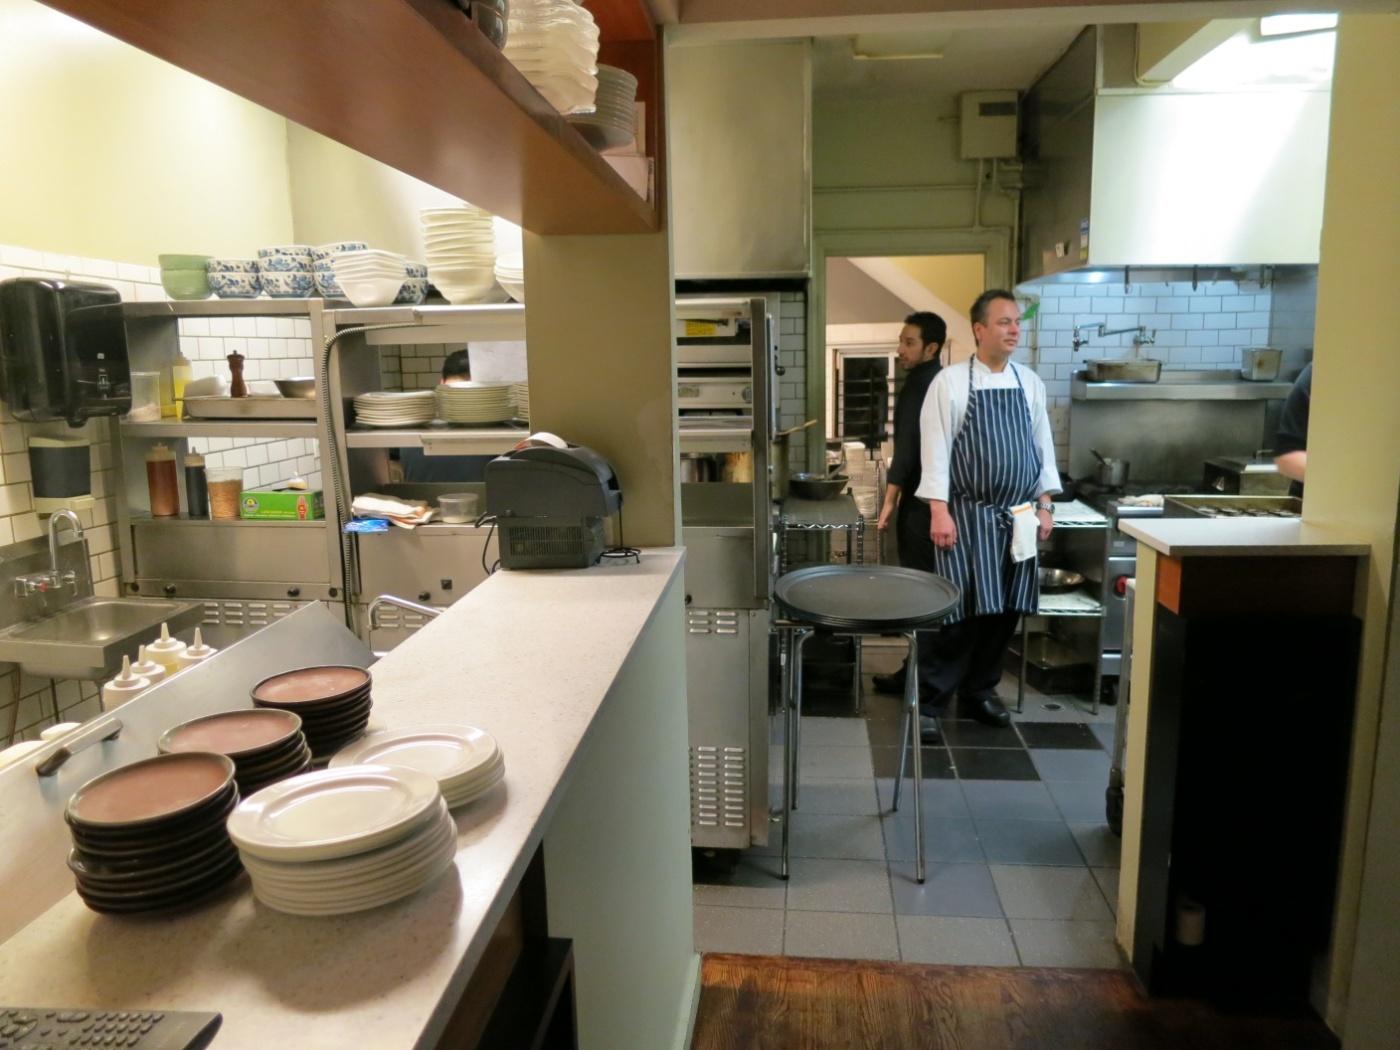 Kitchen at Takashi